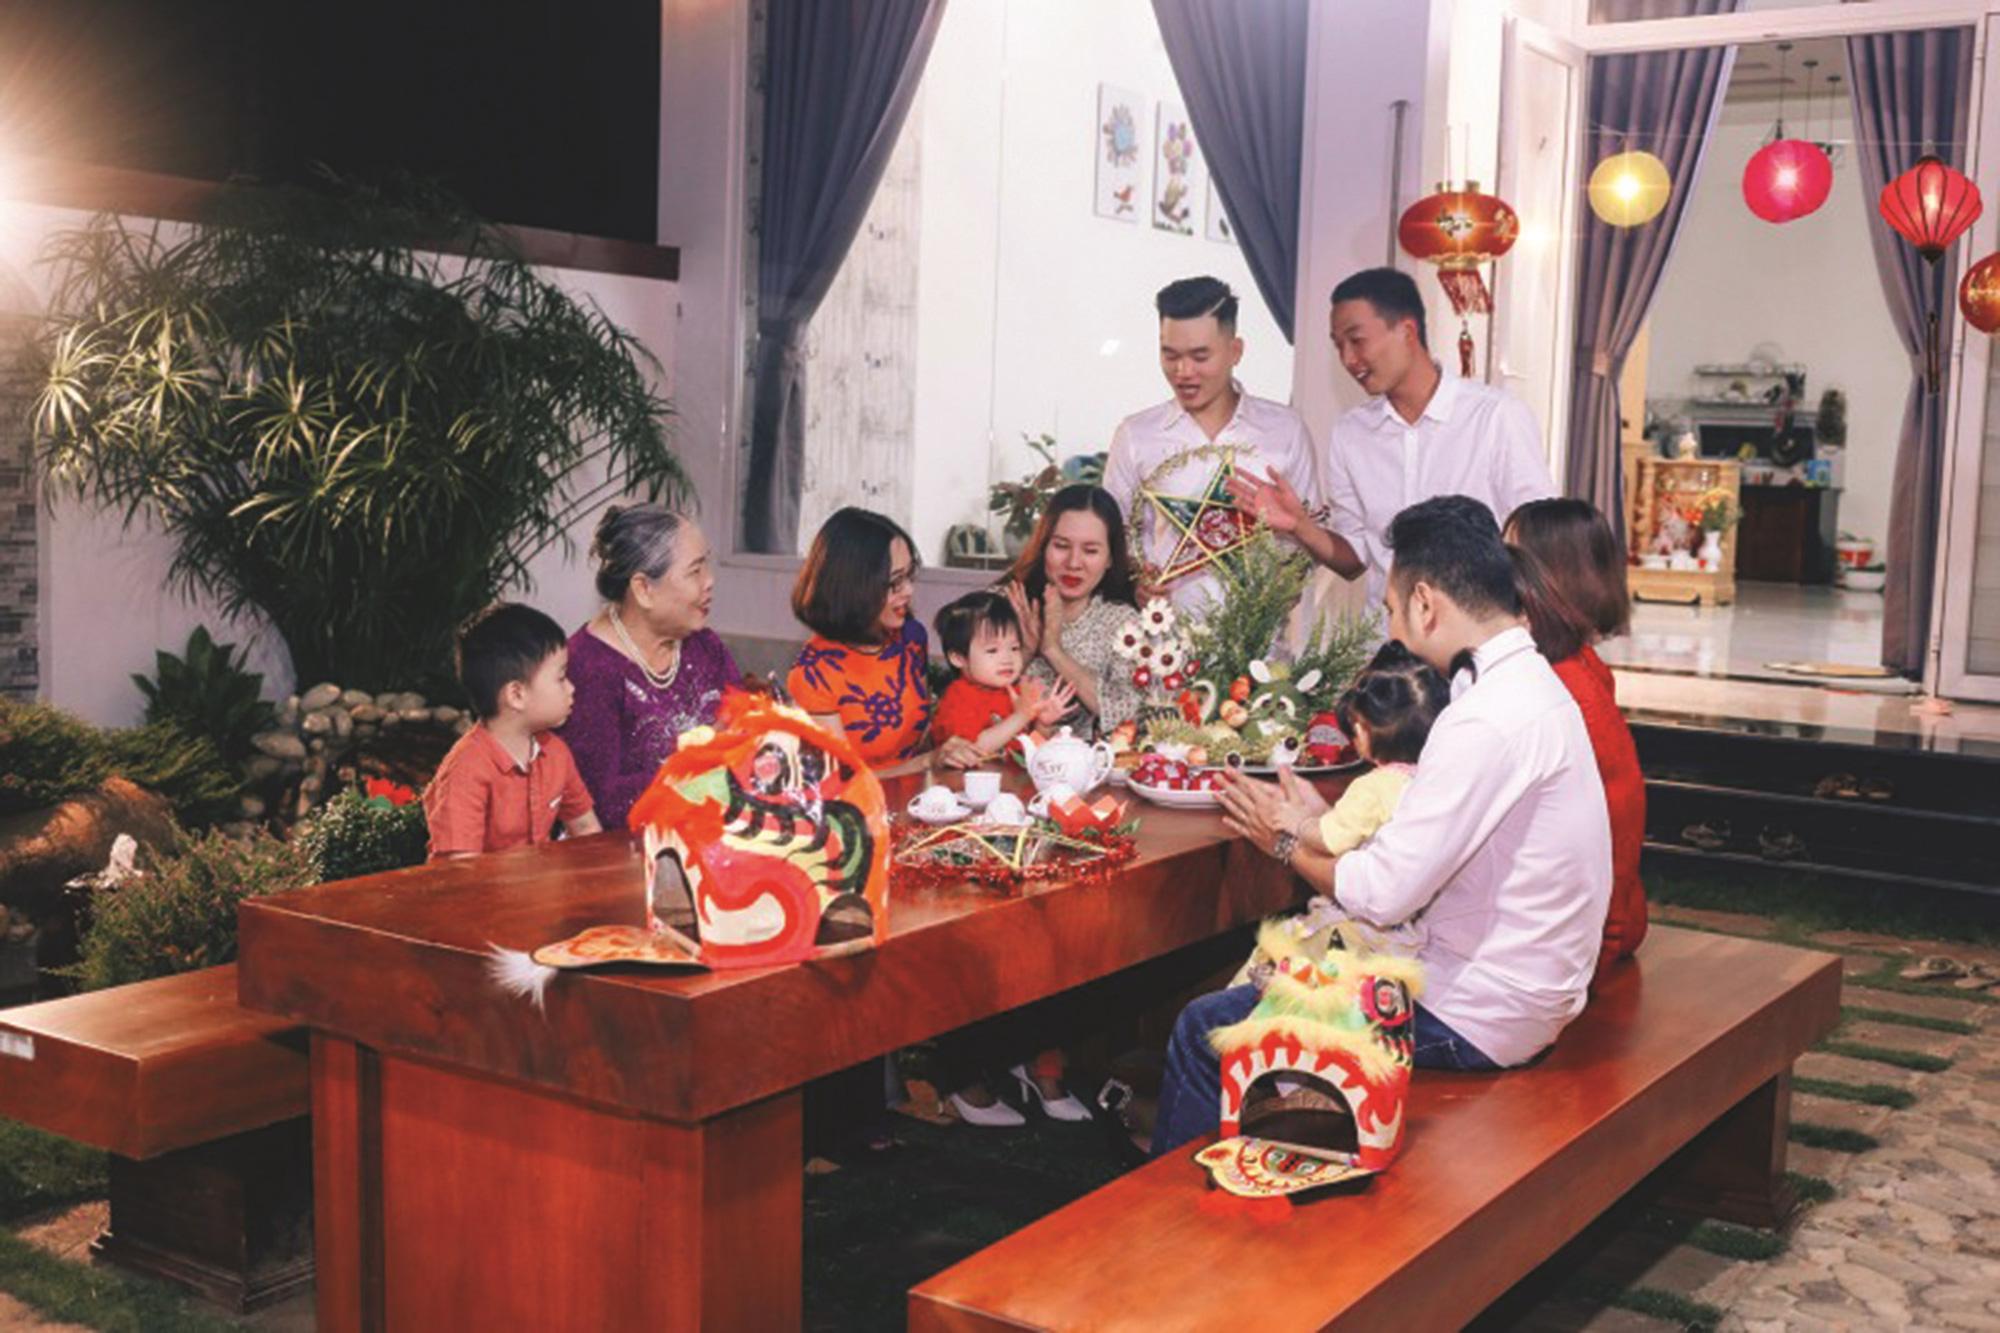 Tìm hiểu phong tục truyền thống Tết Trung thu ở Việt Nam từ xưa đến nay - Ảnh 5.